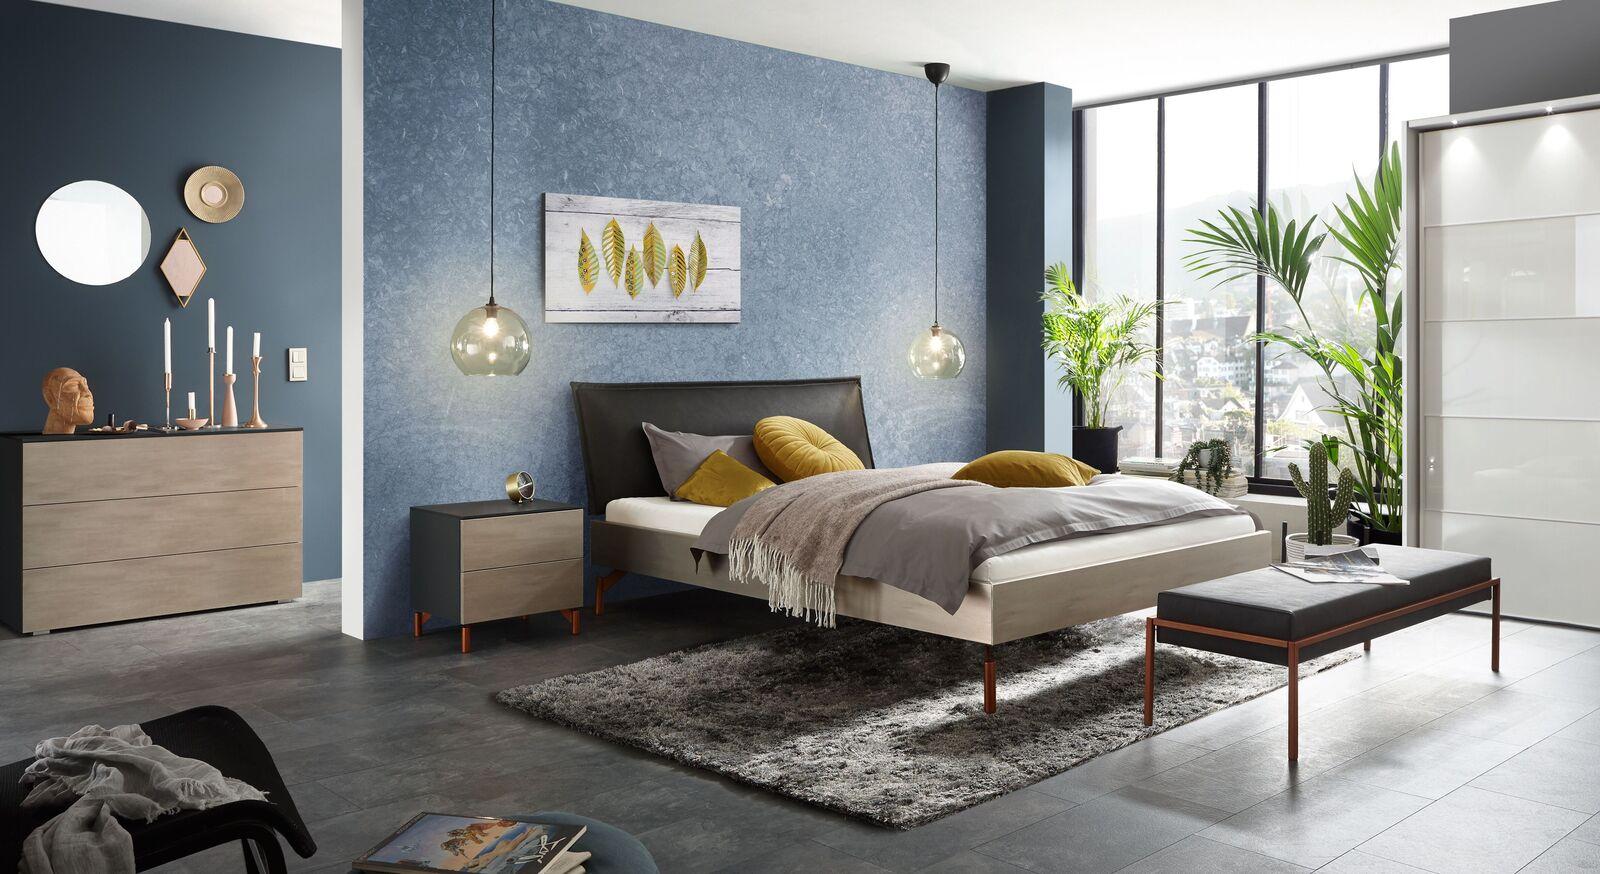 Komplett-Schlafzimmer Istari mit Bett Kleiderschrank und Nachttisch